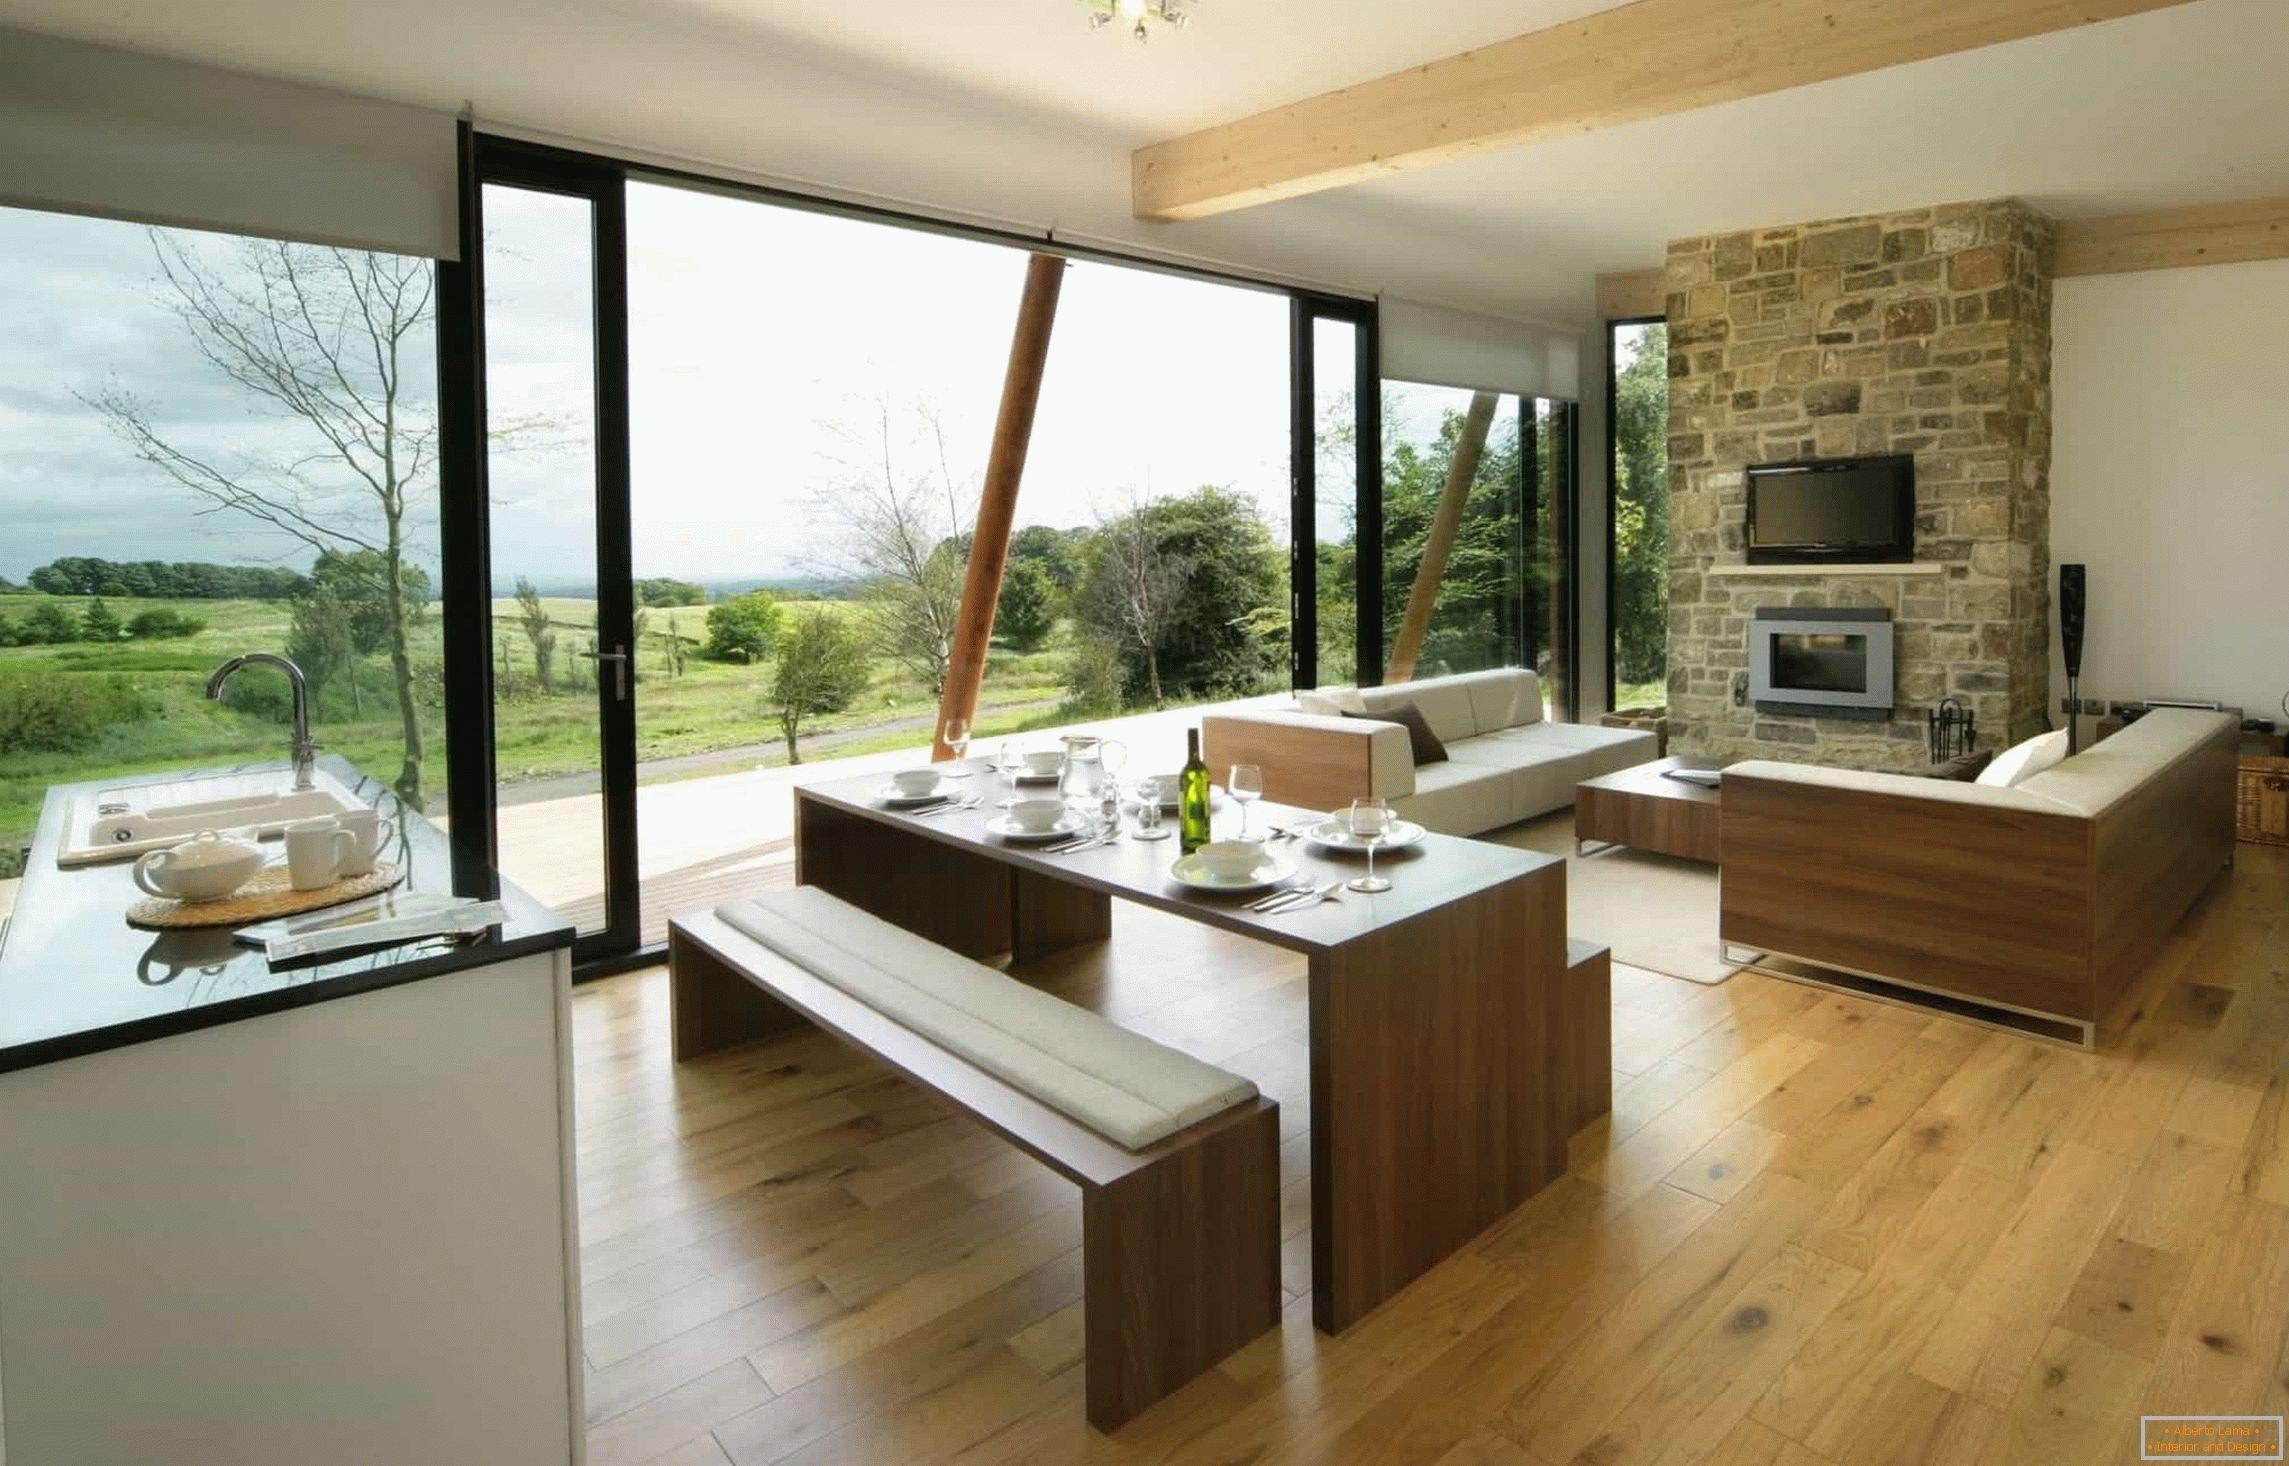 Diseño de cocina-comedor-sala de estar: 25 fotos en una casa